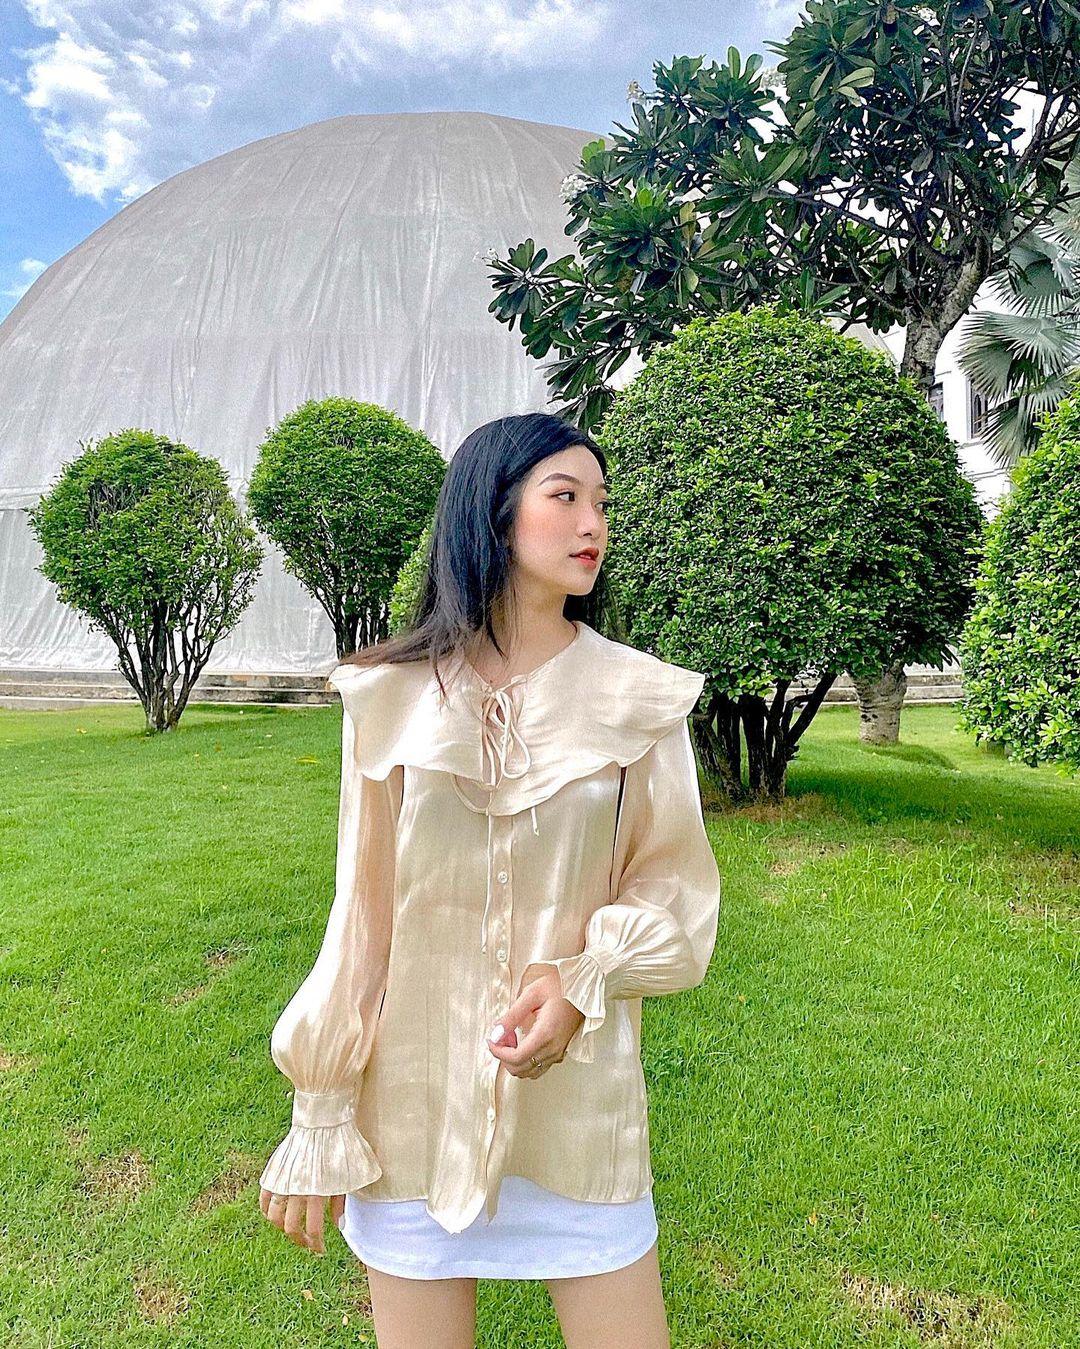 3 kiểu áo sơ mi cách điệu biến style của nàng công sở thành trendy hết sức - Ảnh 11.